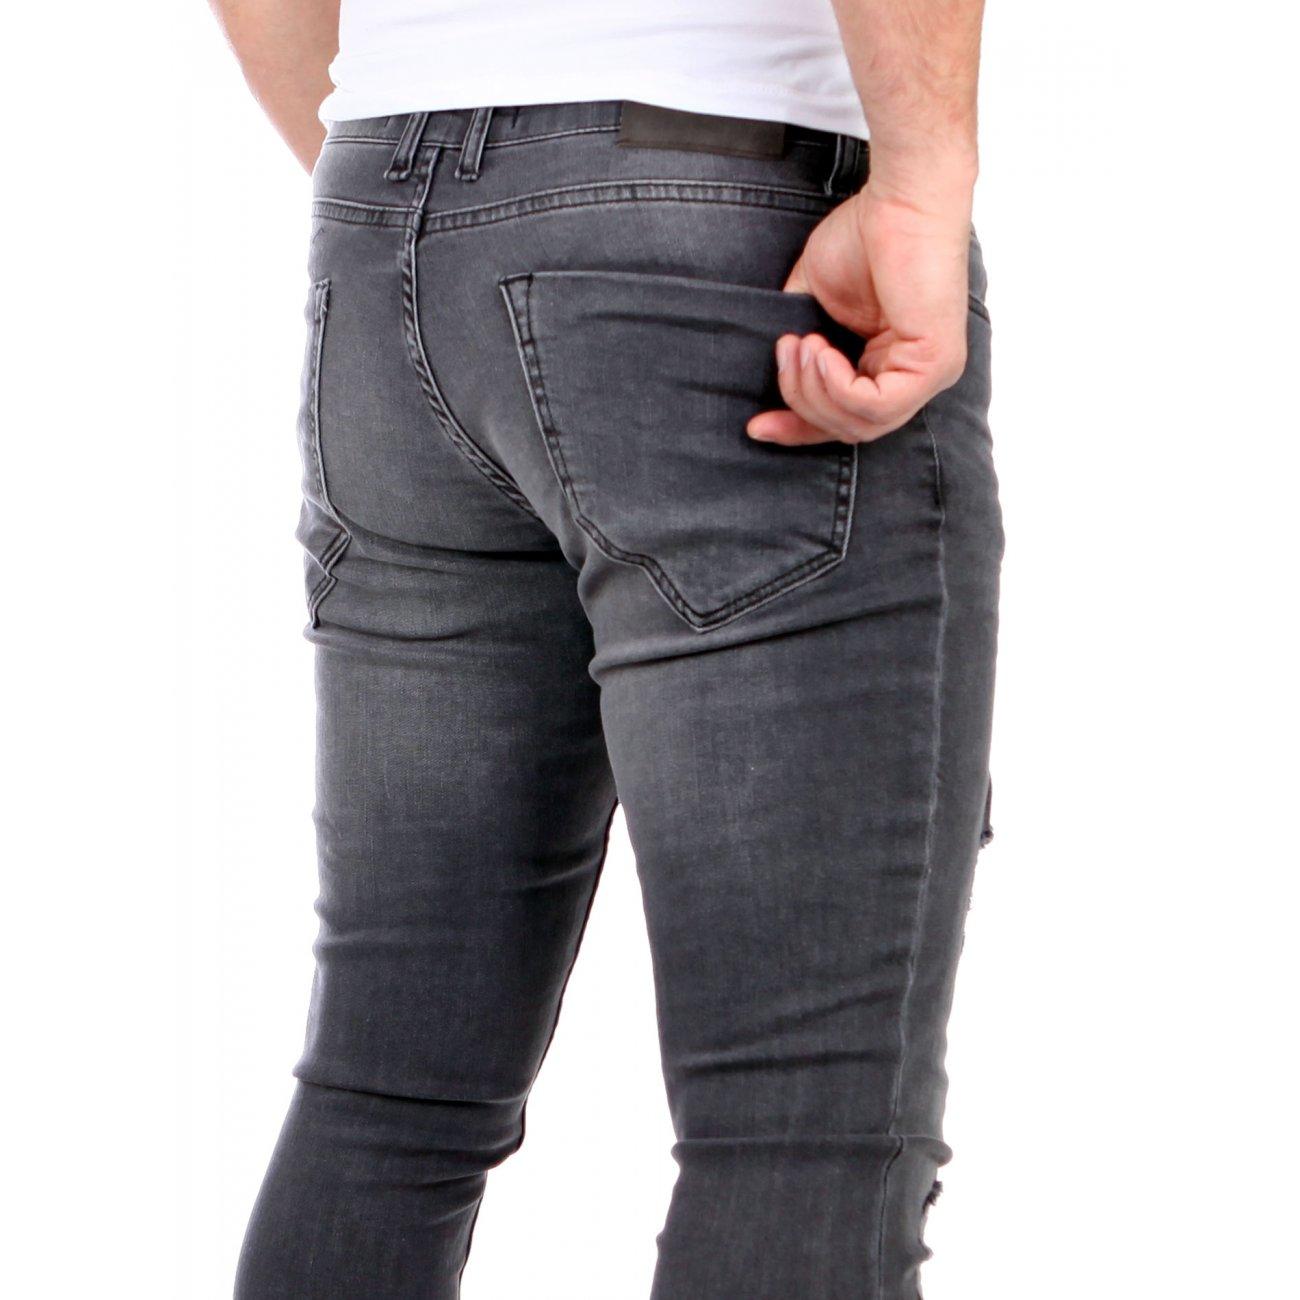 reslad jeans herren destroyed look slim fit strech jeans. Black Bedroom Furniture Sets. Home Design Ideas